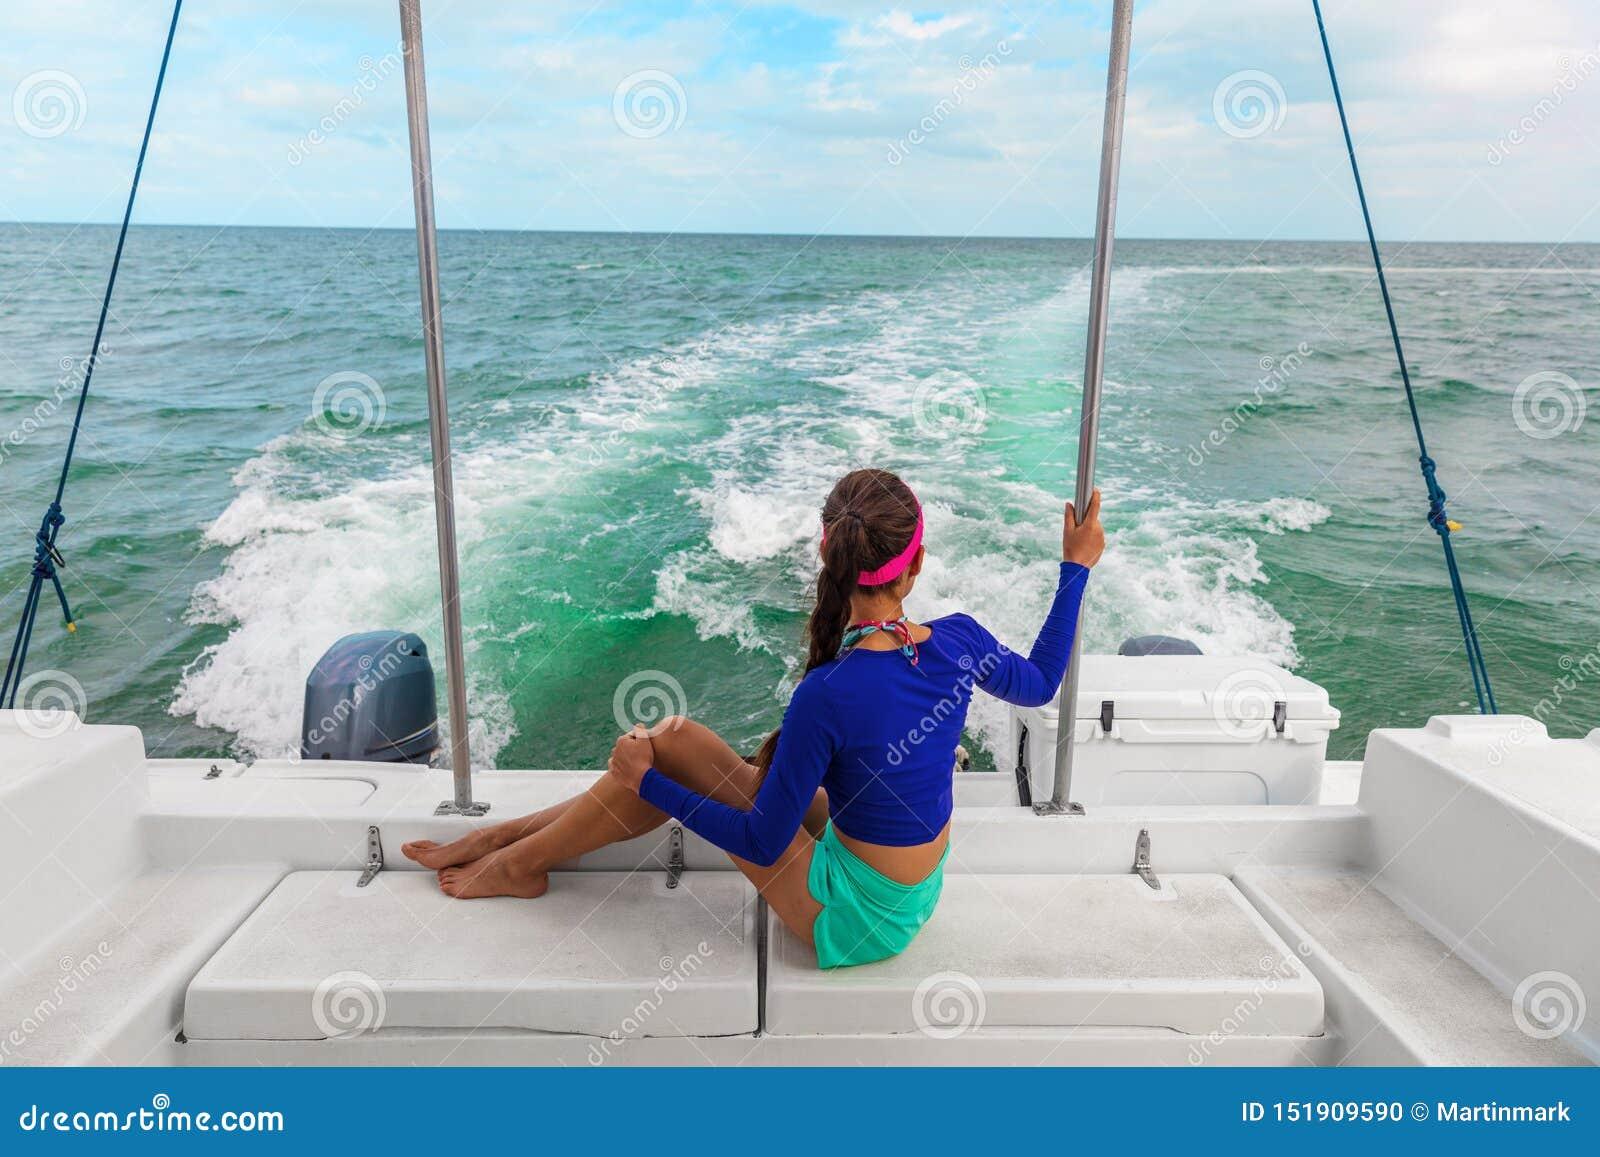 Turista della donna di giro di escursione della barca di viaggio che si rilassa sulla piattaforma del catamarano del motoscafo, F